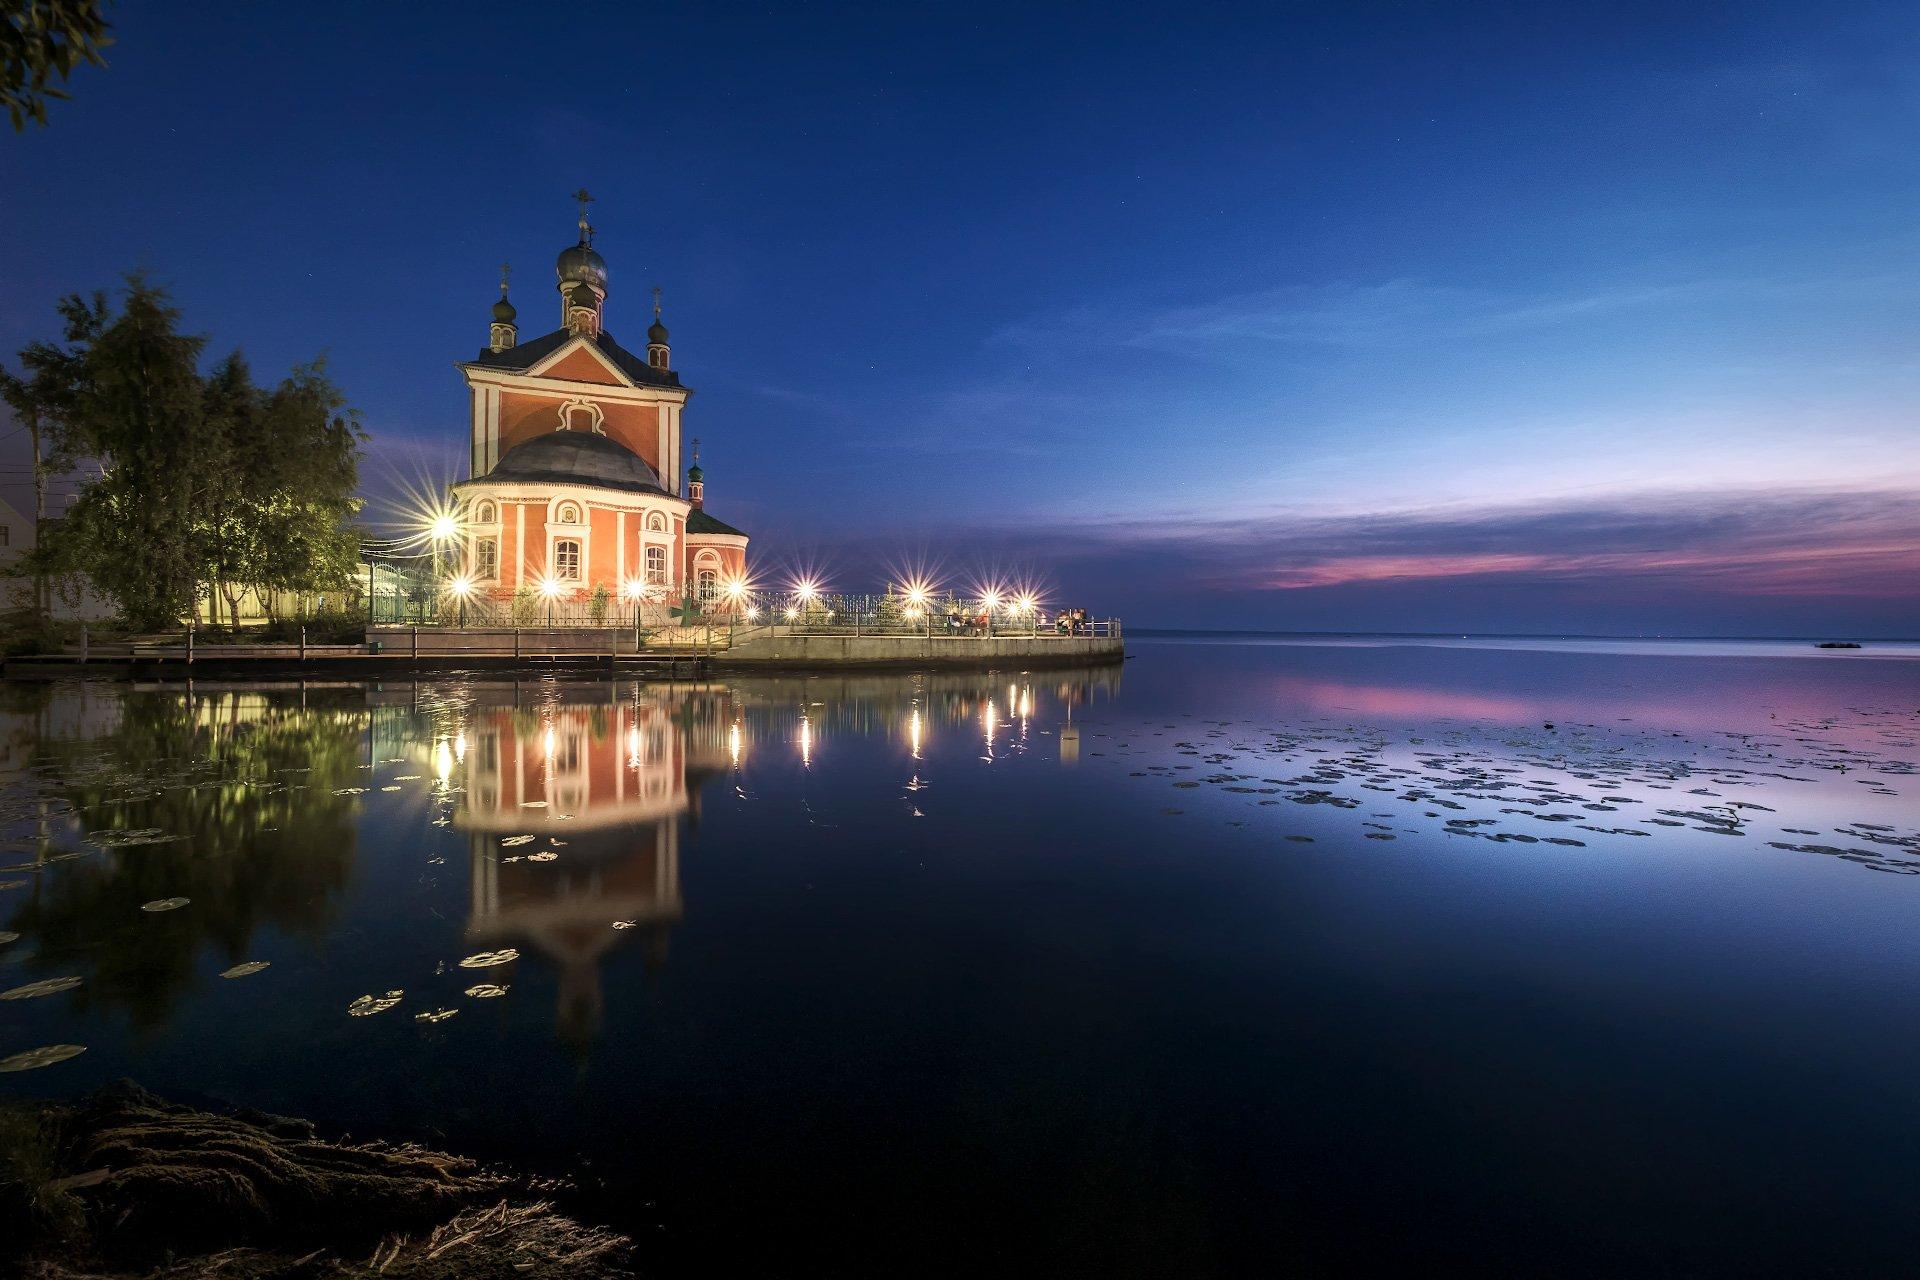 пейзаж, переславль, трубеж, устье, церковь, ночь, июнь, Андрей Чиж